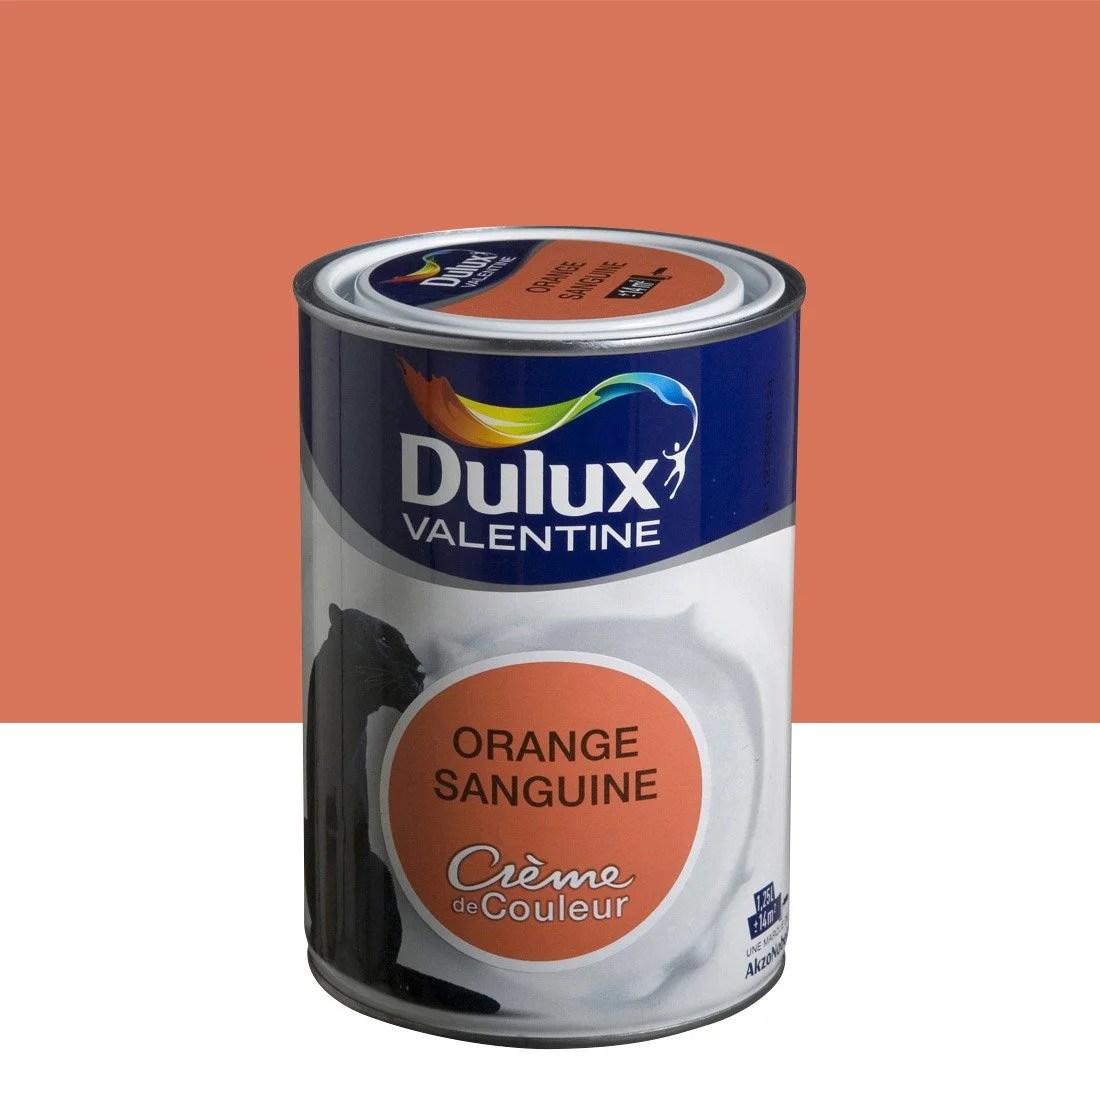 Peinture Orange Sanguine Satin DULUX VALENTINE Crme De